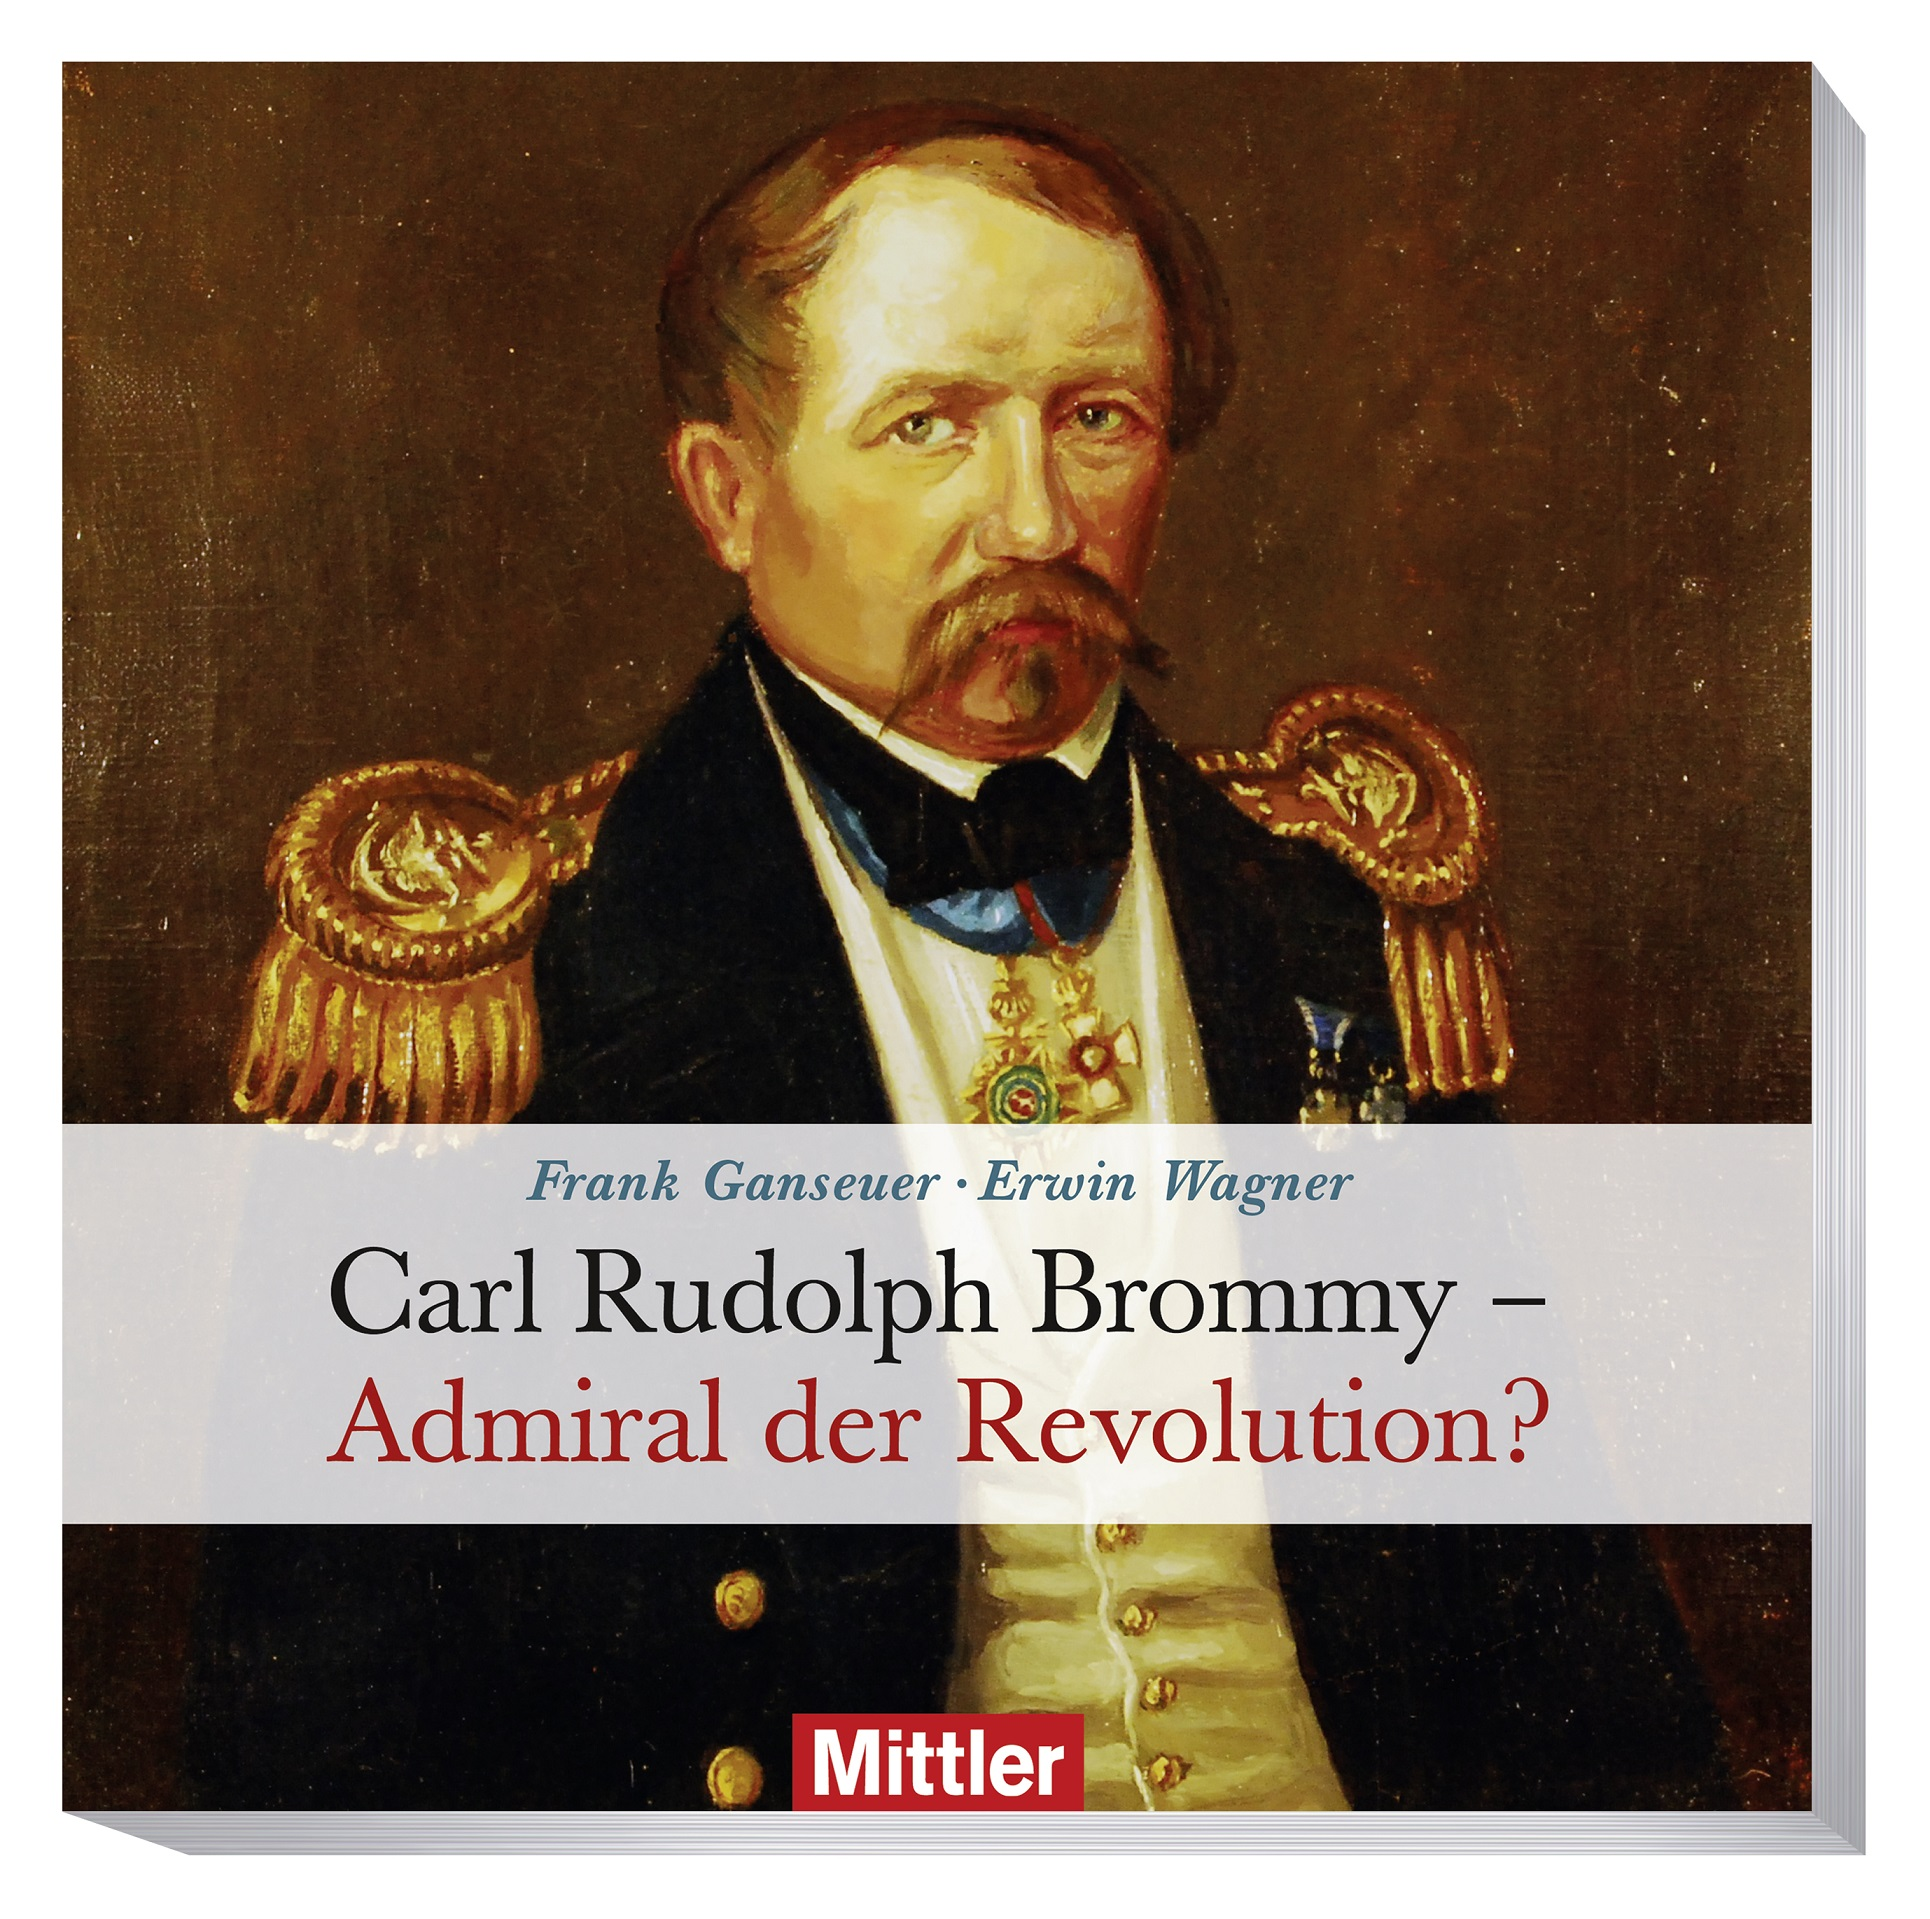 Carl Rudolph Brommy - Admiral der Revolution?